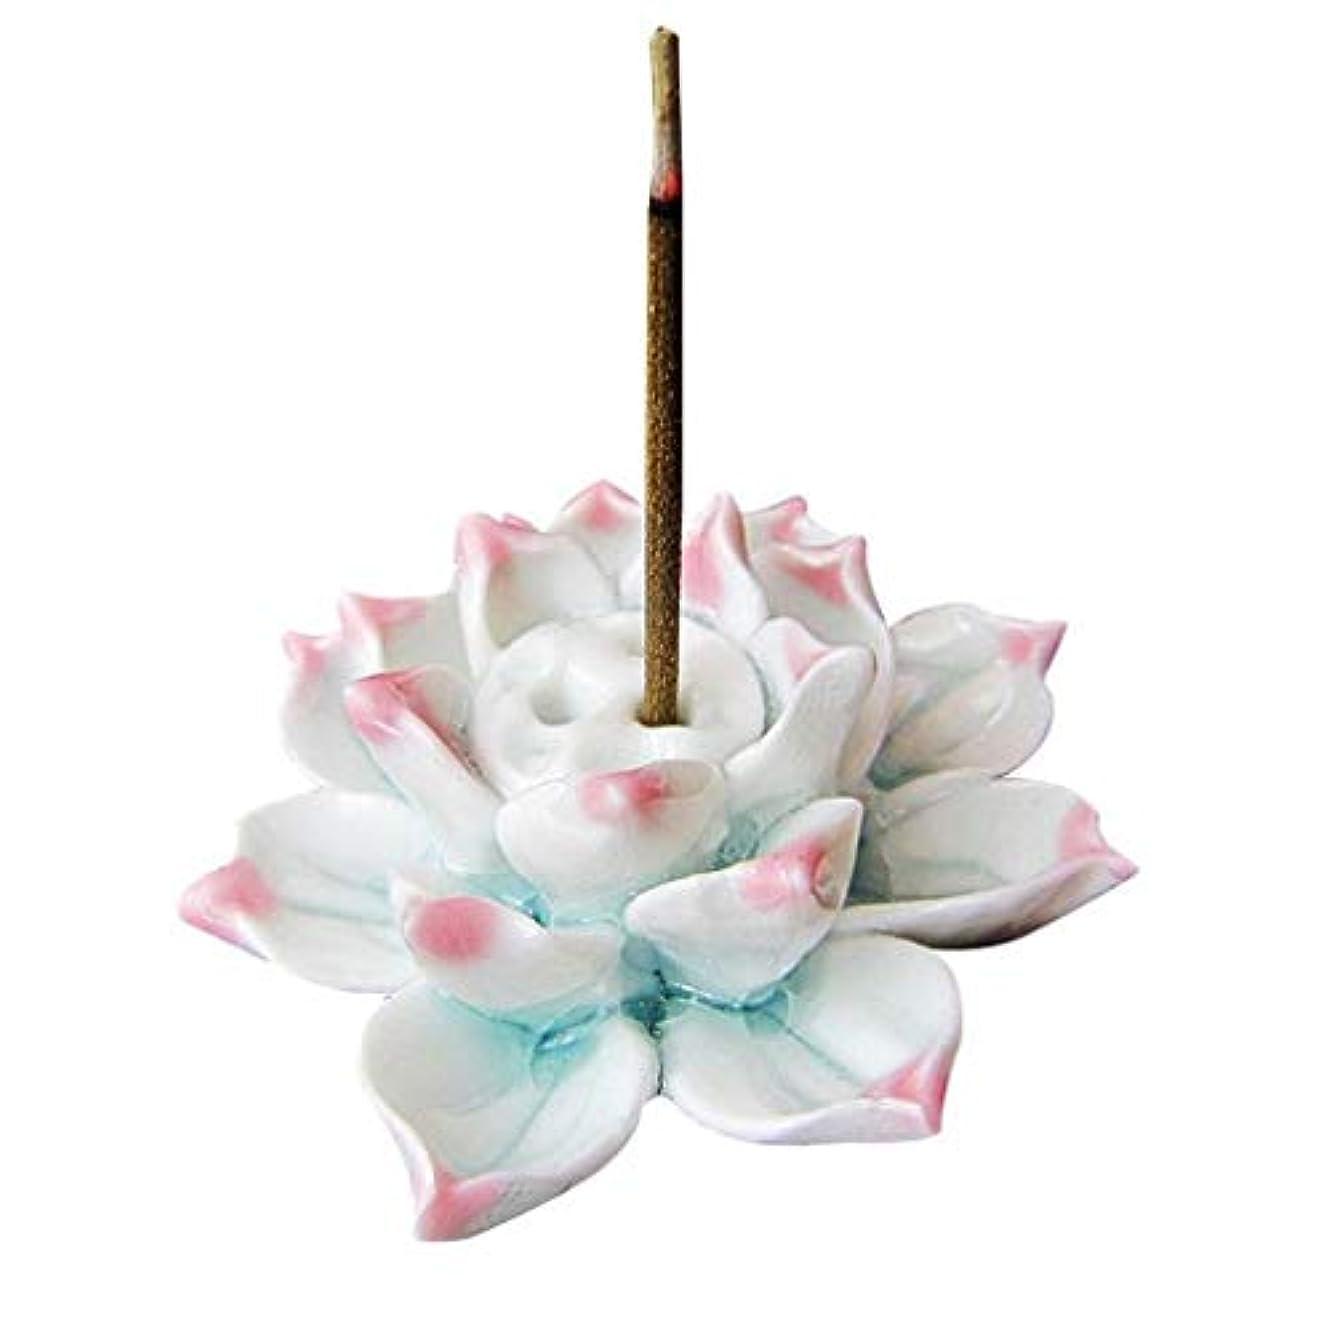 ロデオ検索引退する手作りお香バーナーロータス磁器お香スティックホルダー灰キャッチャートレイプレートホーム仏教寺院の装飾香ホルダー (Color : Pink, サイズ : 2.36*1.37inches)